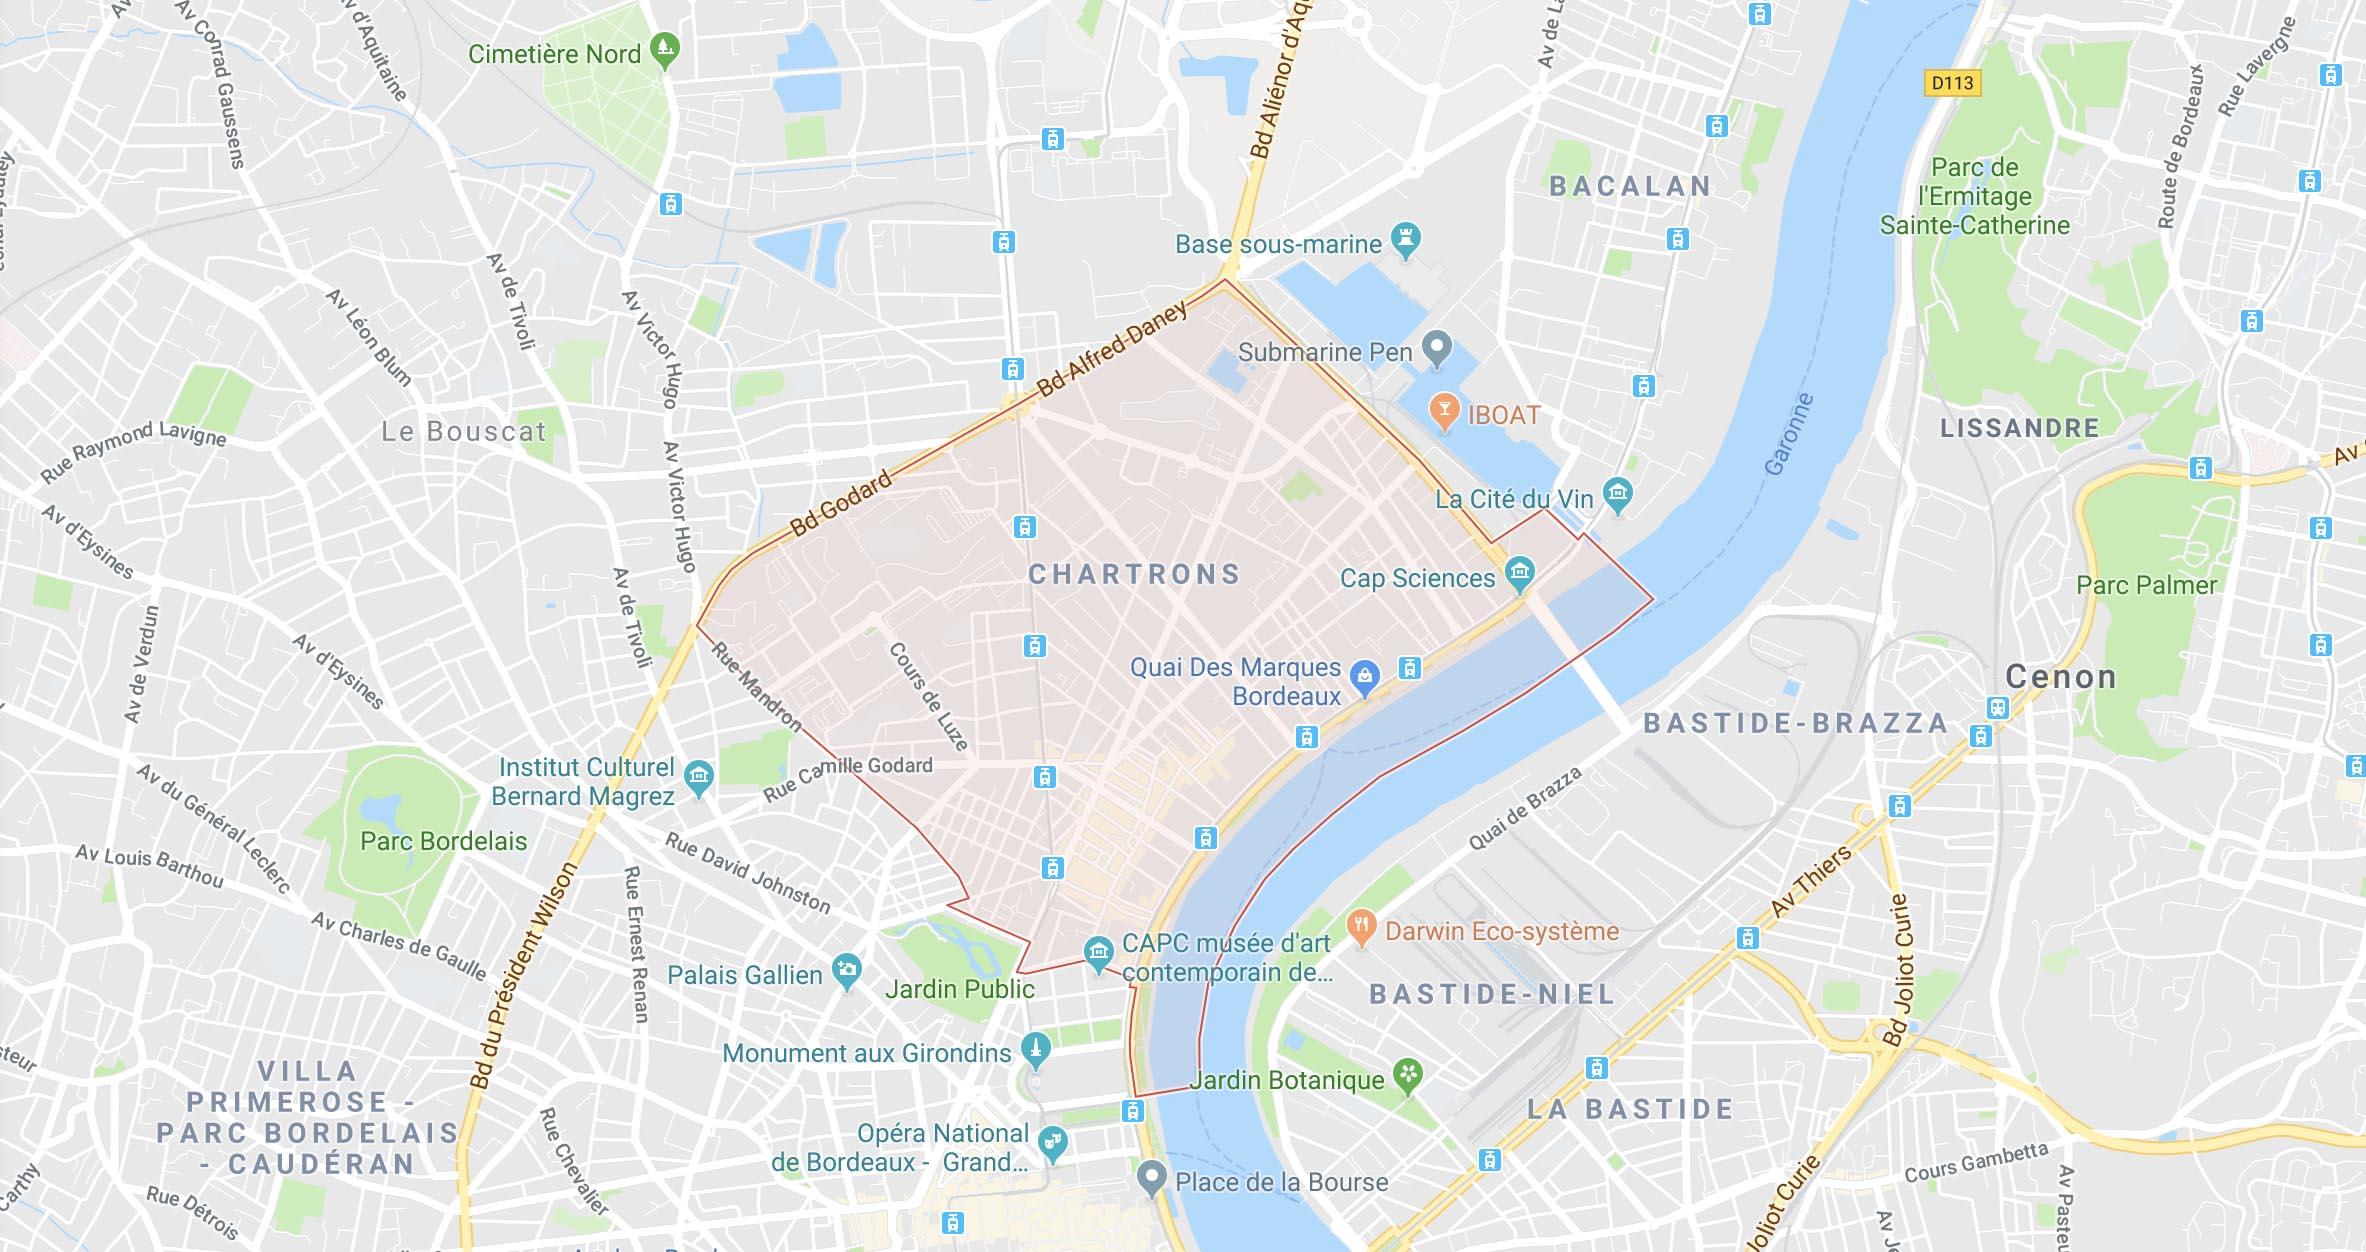 La vie de quartier - Bordeaux Chartrons, grand parc, jardin public